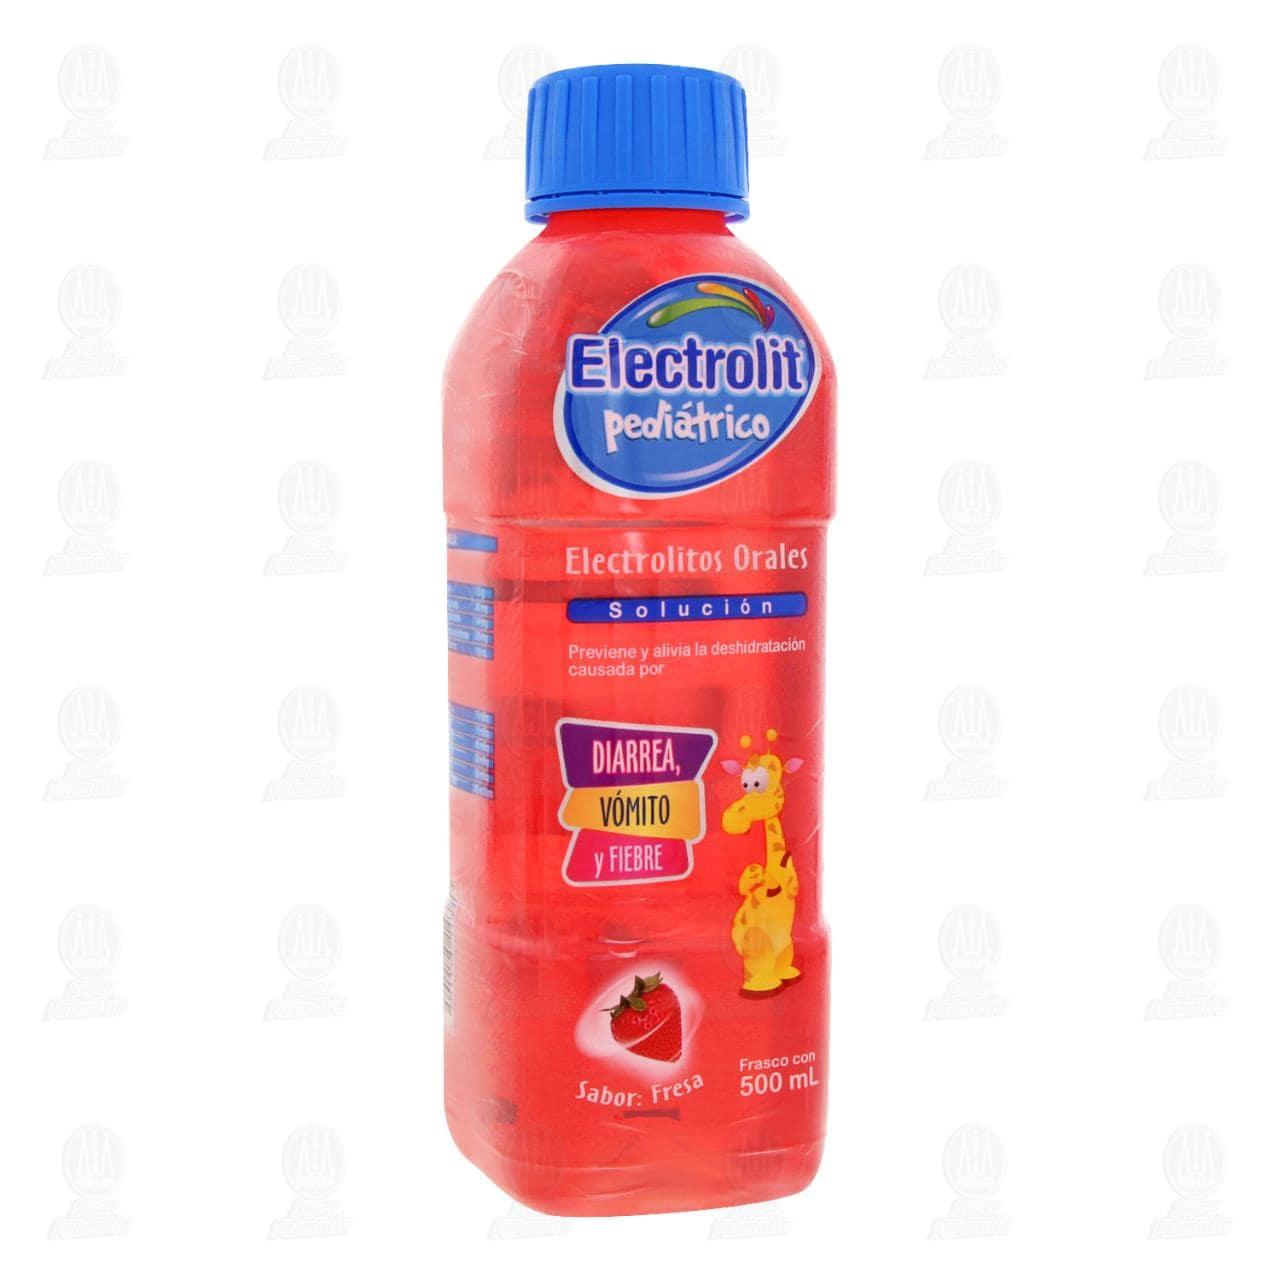 Comprar Electrolit Pediátrico Fresa Oral 500ml en Farmacias Guadalajara